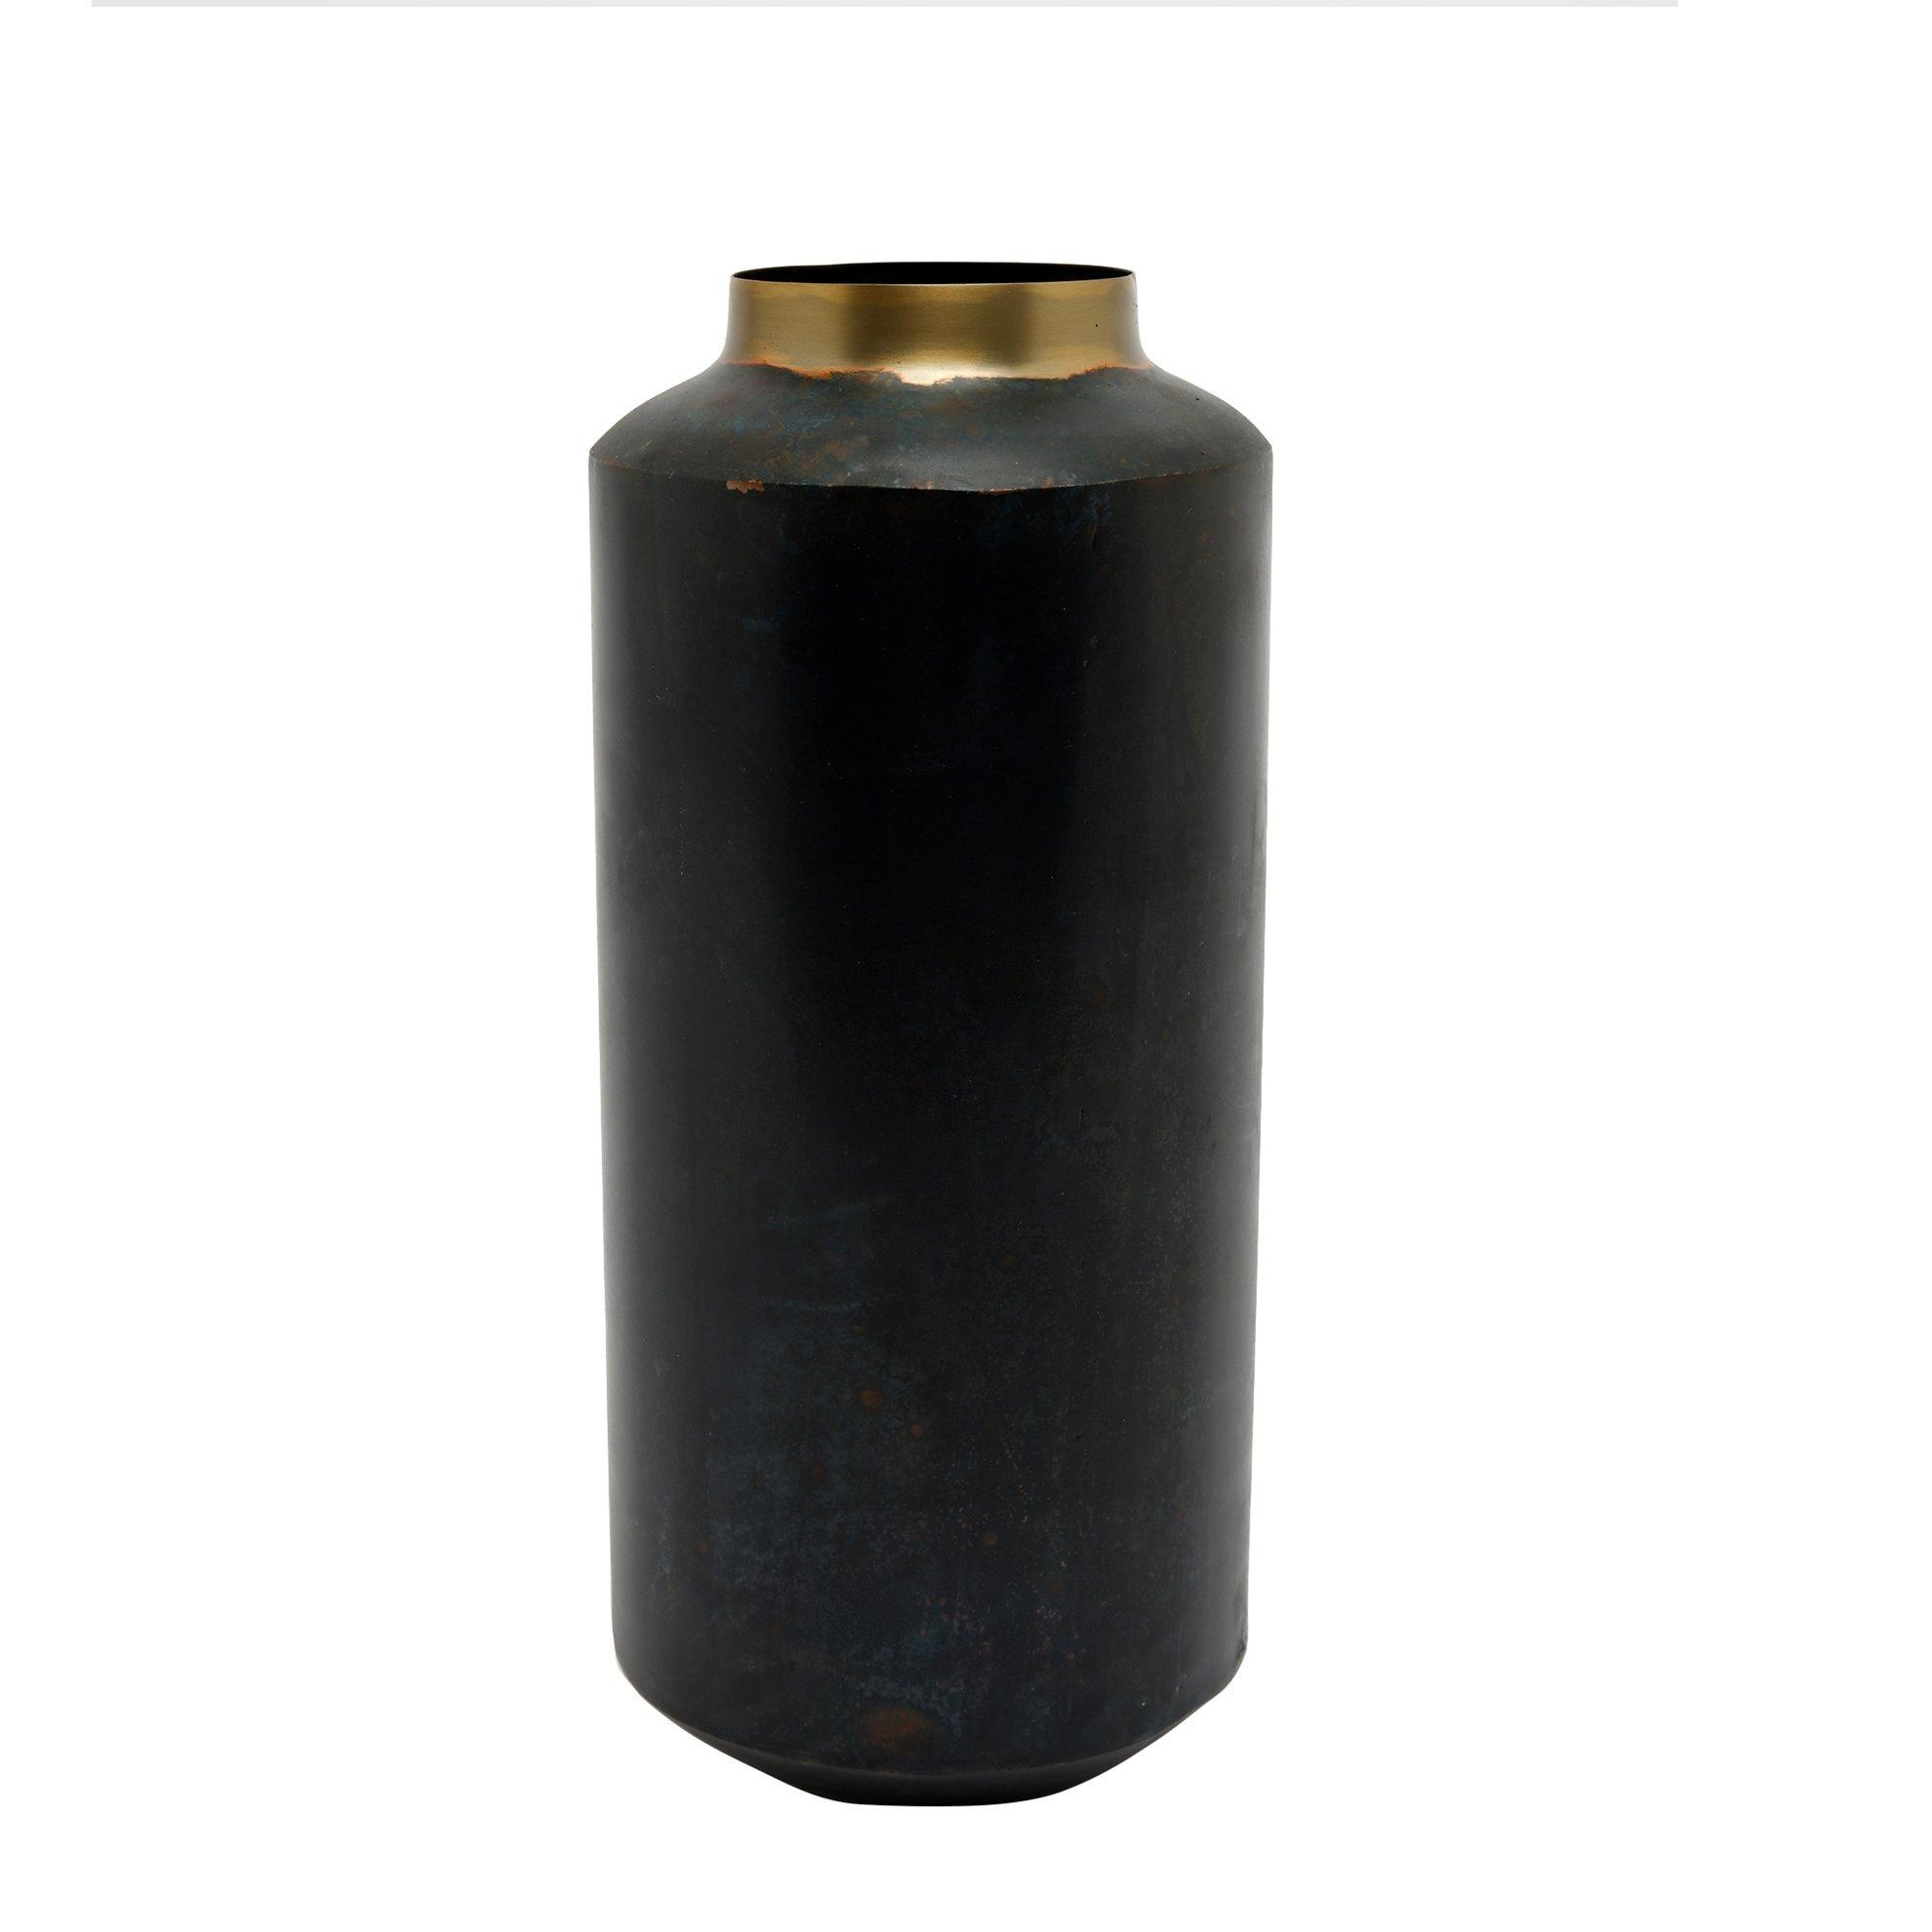 Vase aus Metall